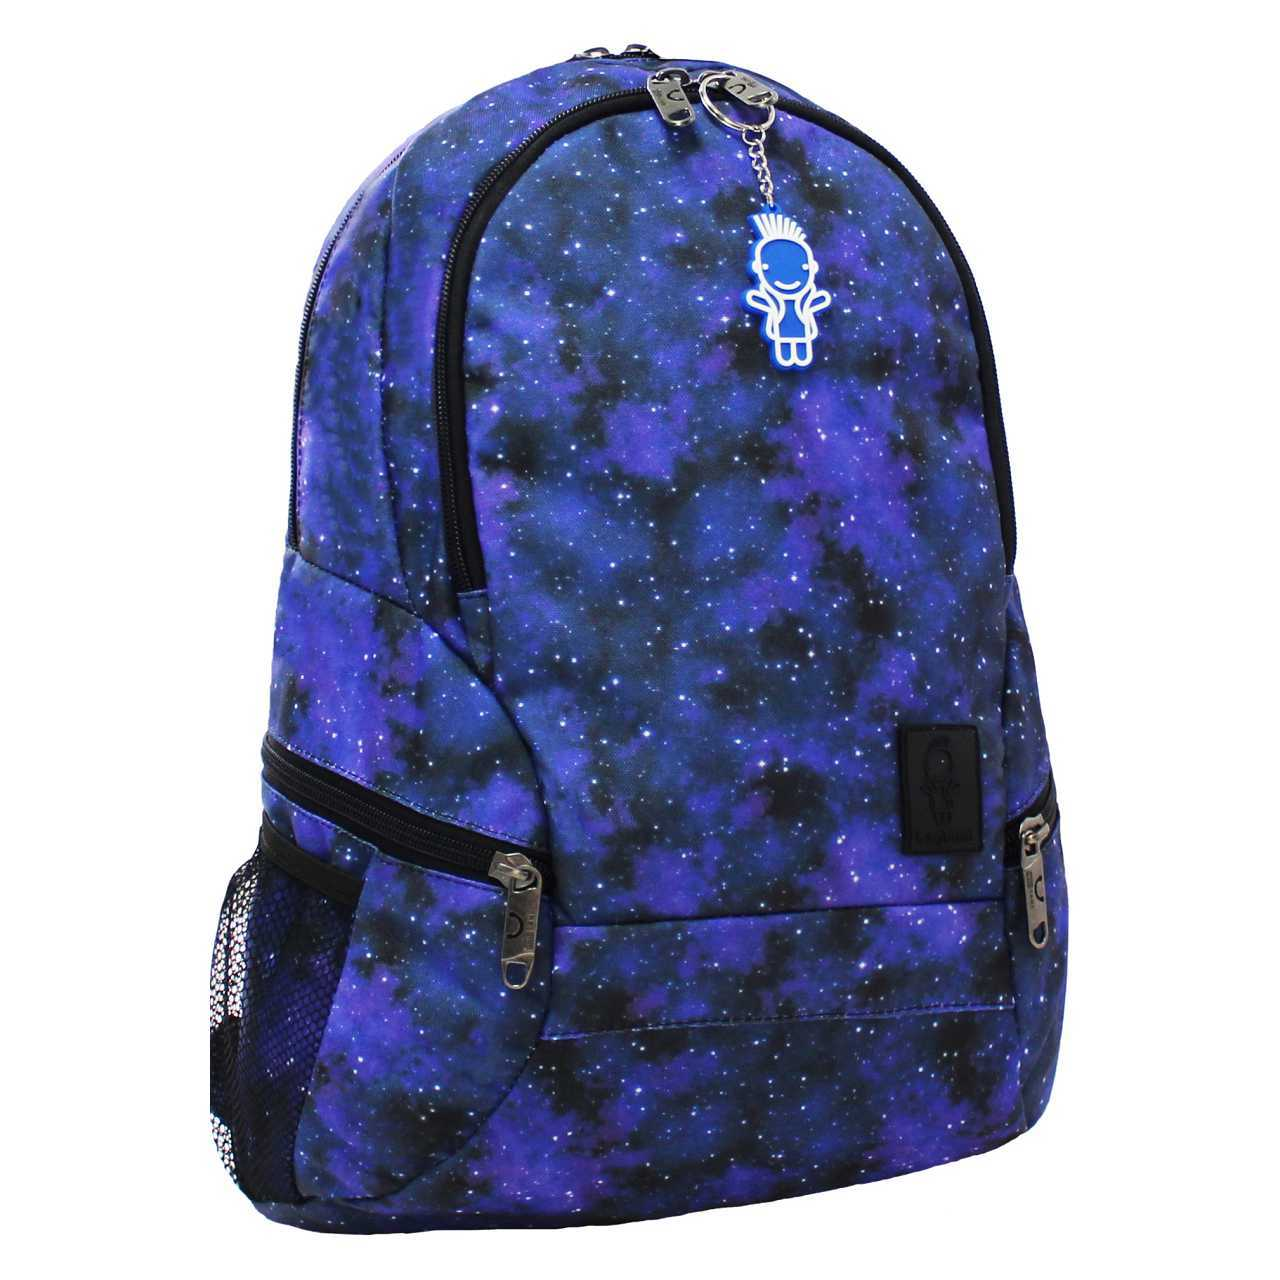 Городские рюкзаки Рюкзак Bagland Urban 20 л. сублимация (космос) (00530664) IMG_6225.jpg